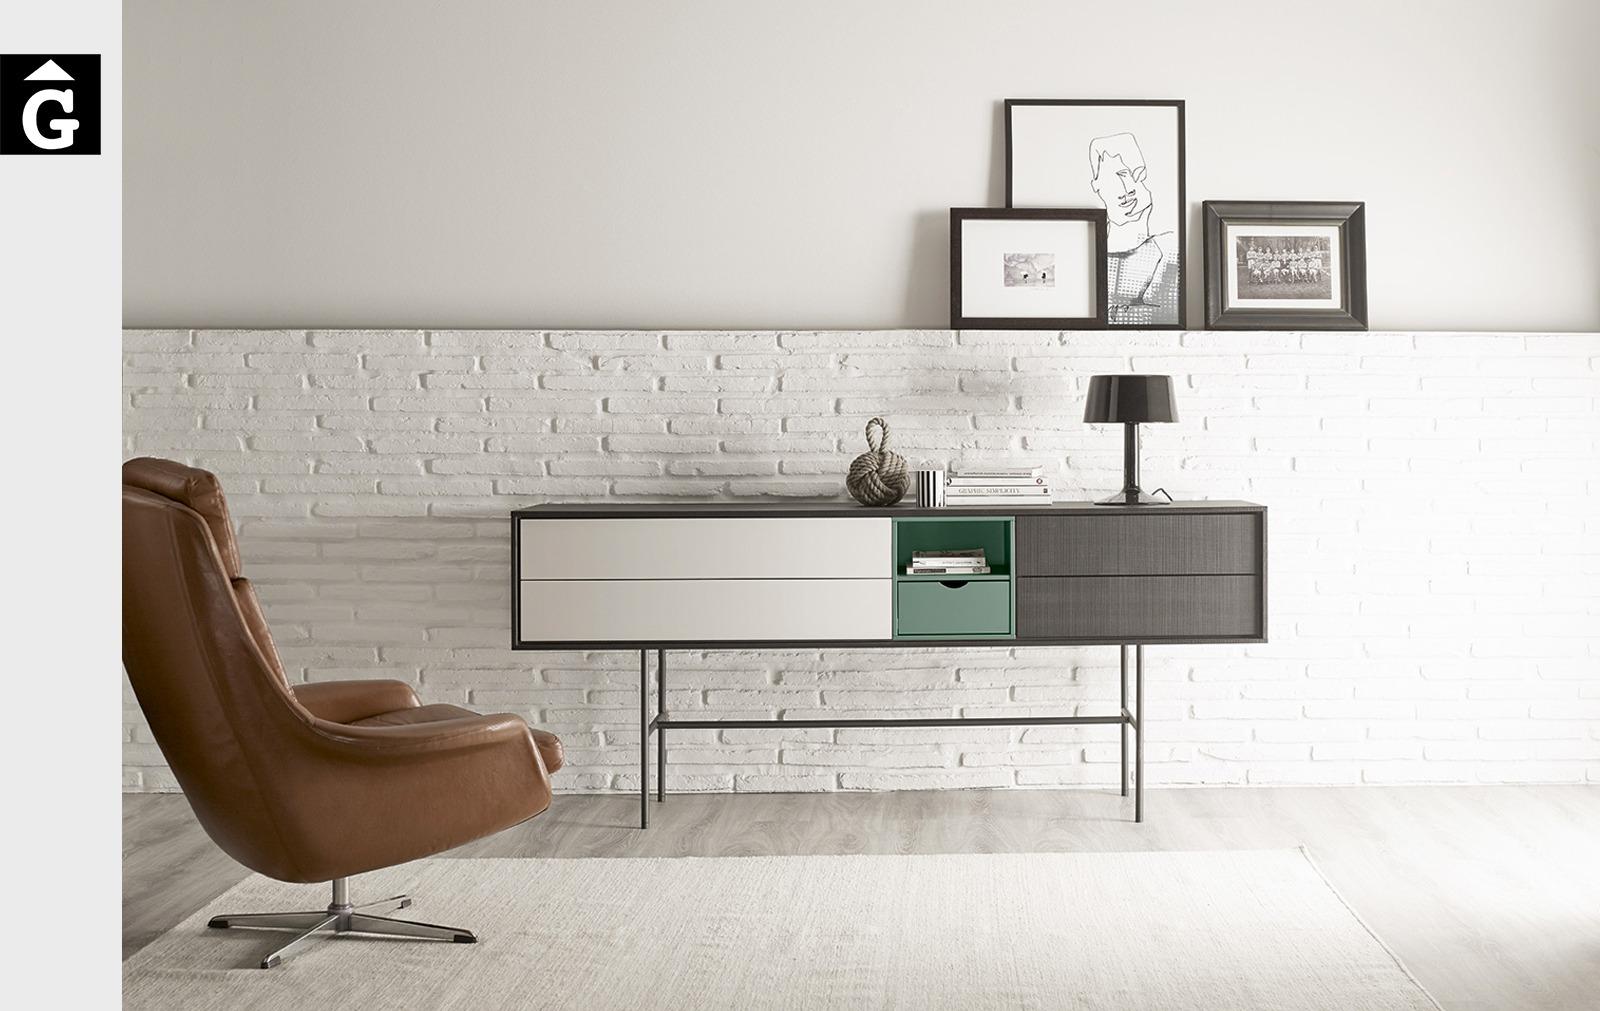 Moble Aura amb potes altres metall | Treku | mobles contemporanis amb tradició | mobles Gifreu